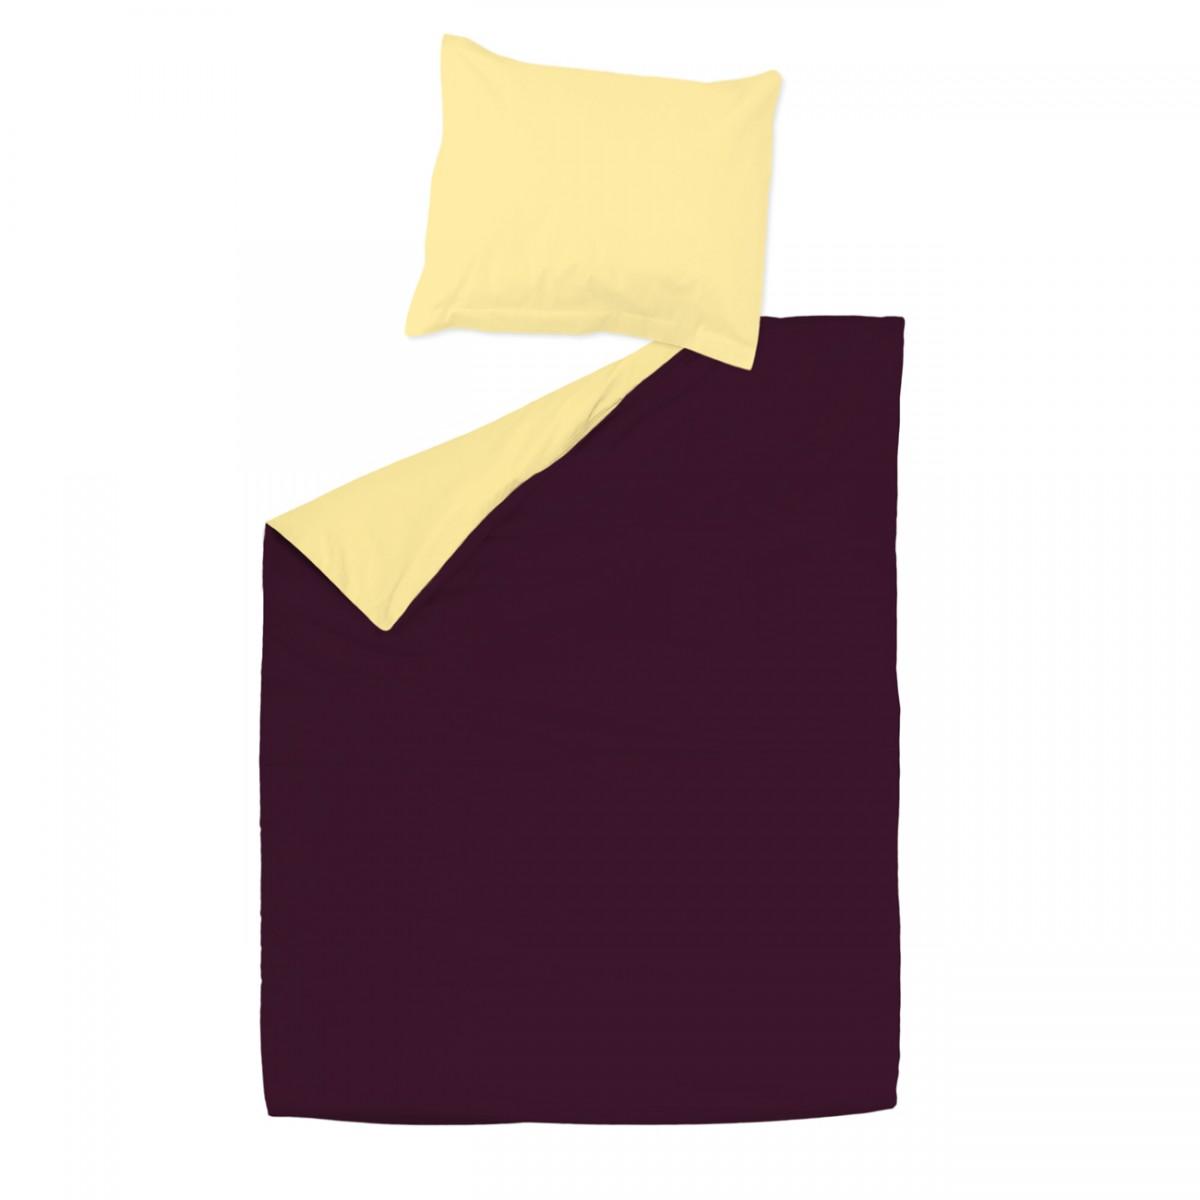 aubergine et jaune 100 coton parure de lit r versible housse de couette et taies d 39 oreiller. Black Bedroom Furniture Sets. Home Design Ideas